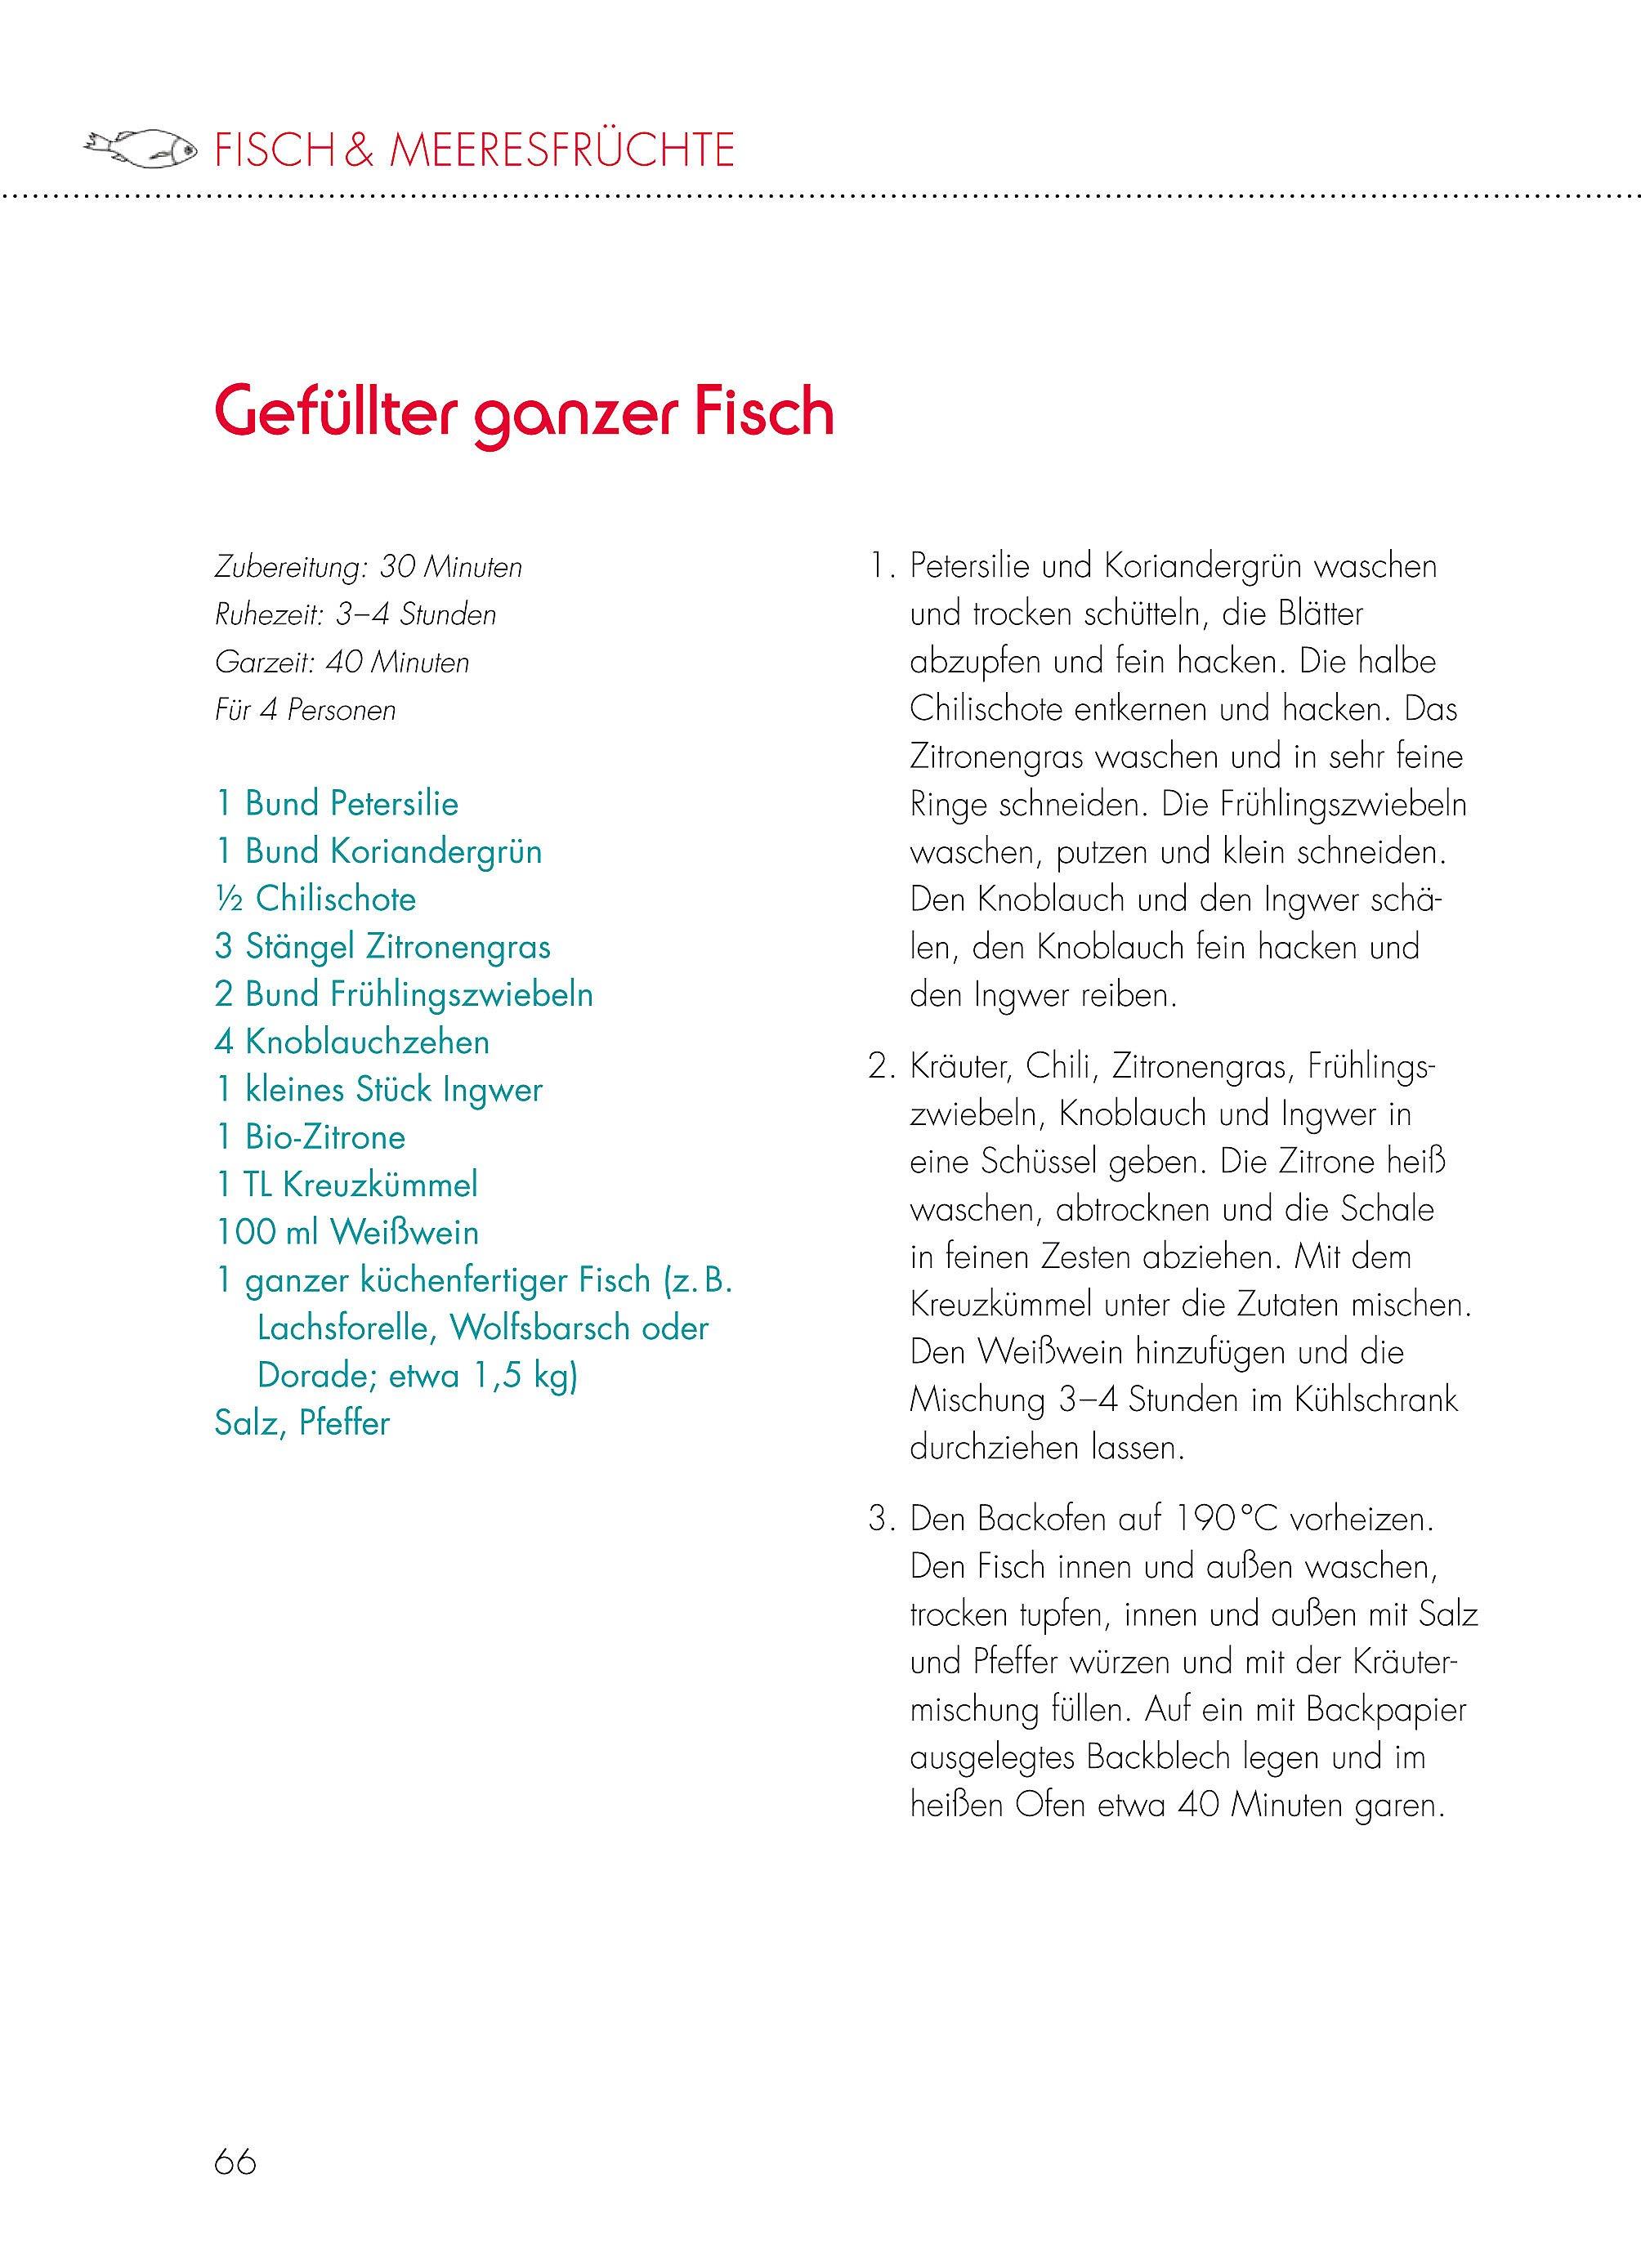 Das Dukan Diät Kochbuch Buch Von Pierre Dukan